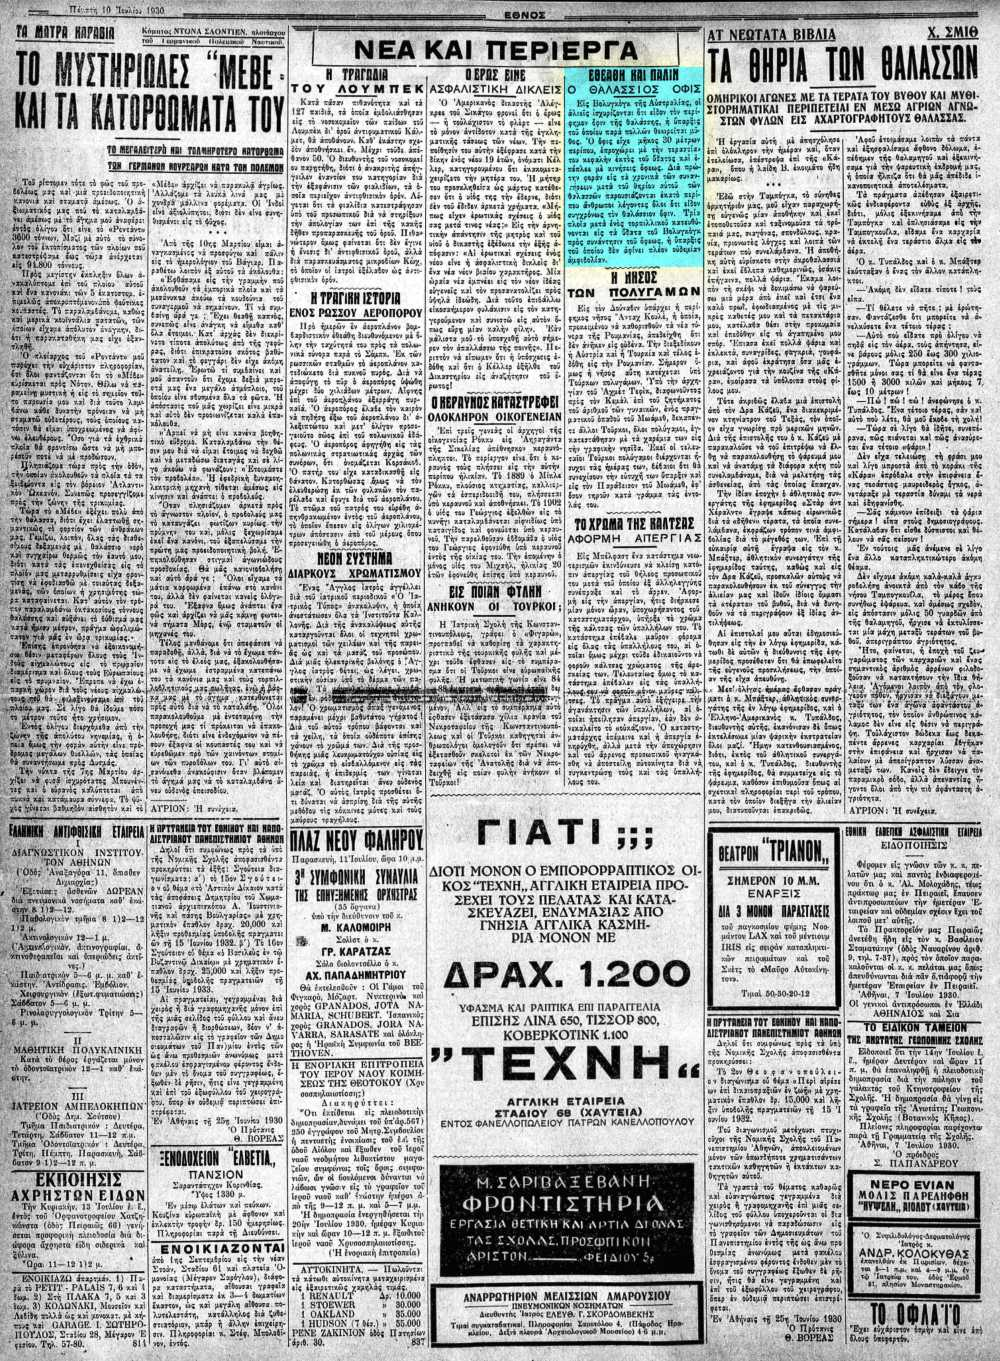 """Το άρθρο, όπως δημοσιεύθηκε στην εφημερίδα """"ΕΘΝΟΣ"""", στις 10/07/1930"""